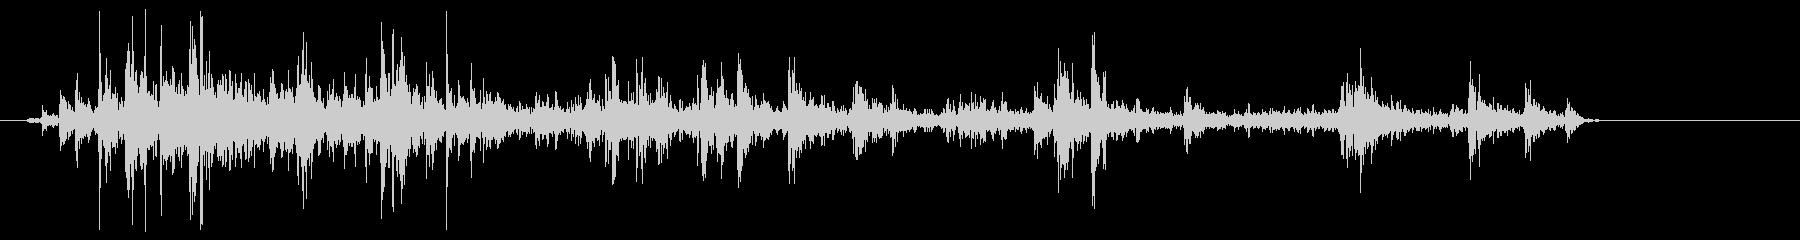 クシャクシャクシャ(紙が擦れる音)の未再生の波形